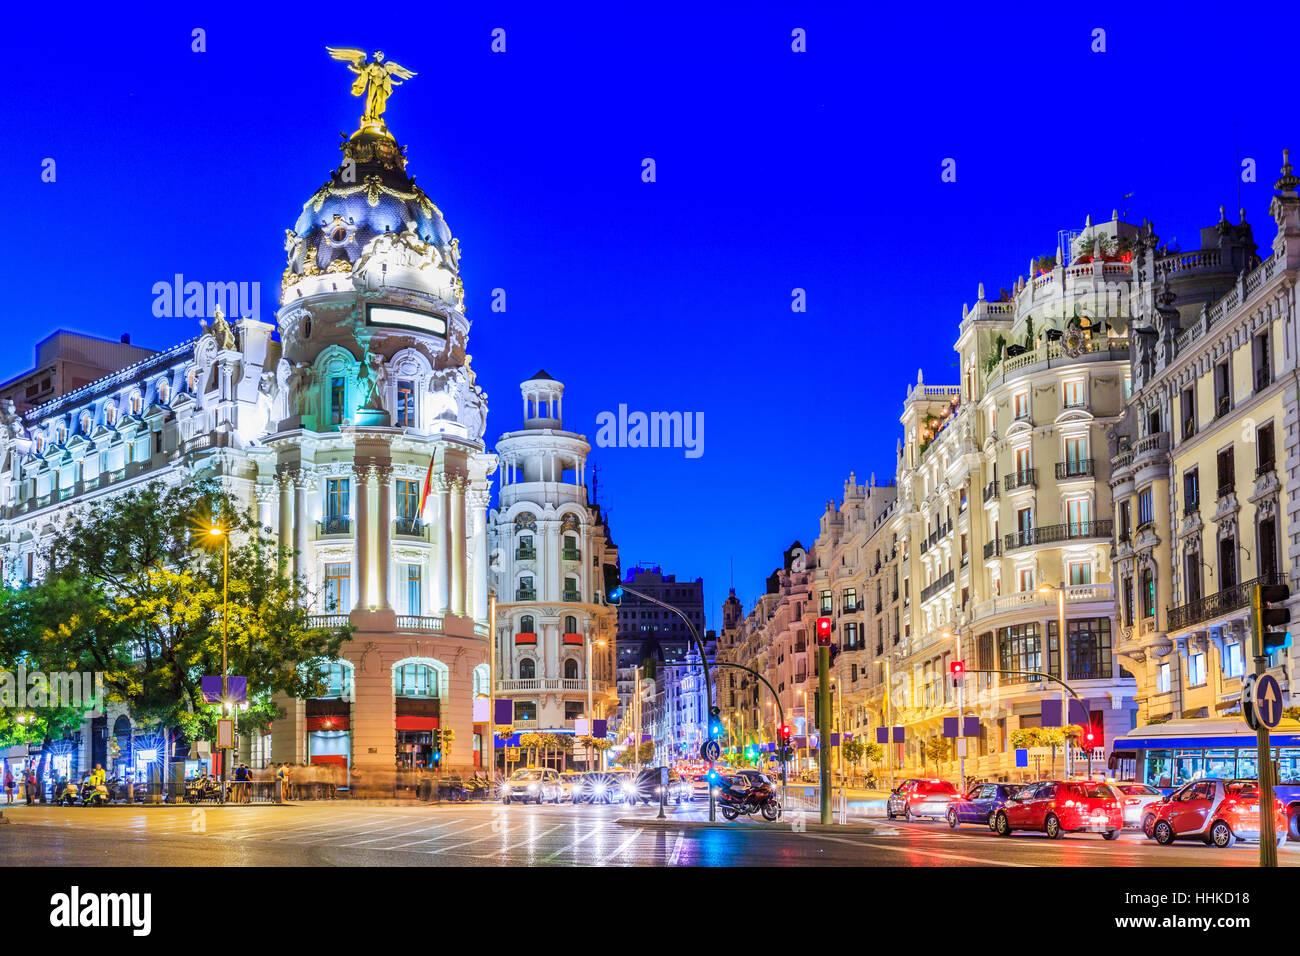 Madrid, Spagna. Gran Via, la principale strada dello shopping al crepuscolo. Immagini Stock